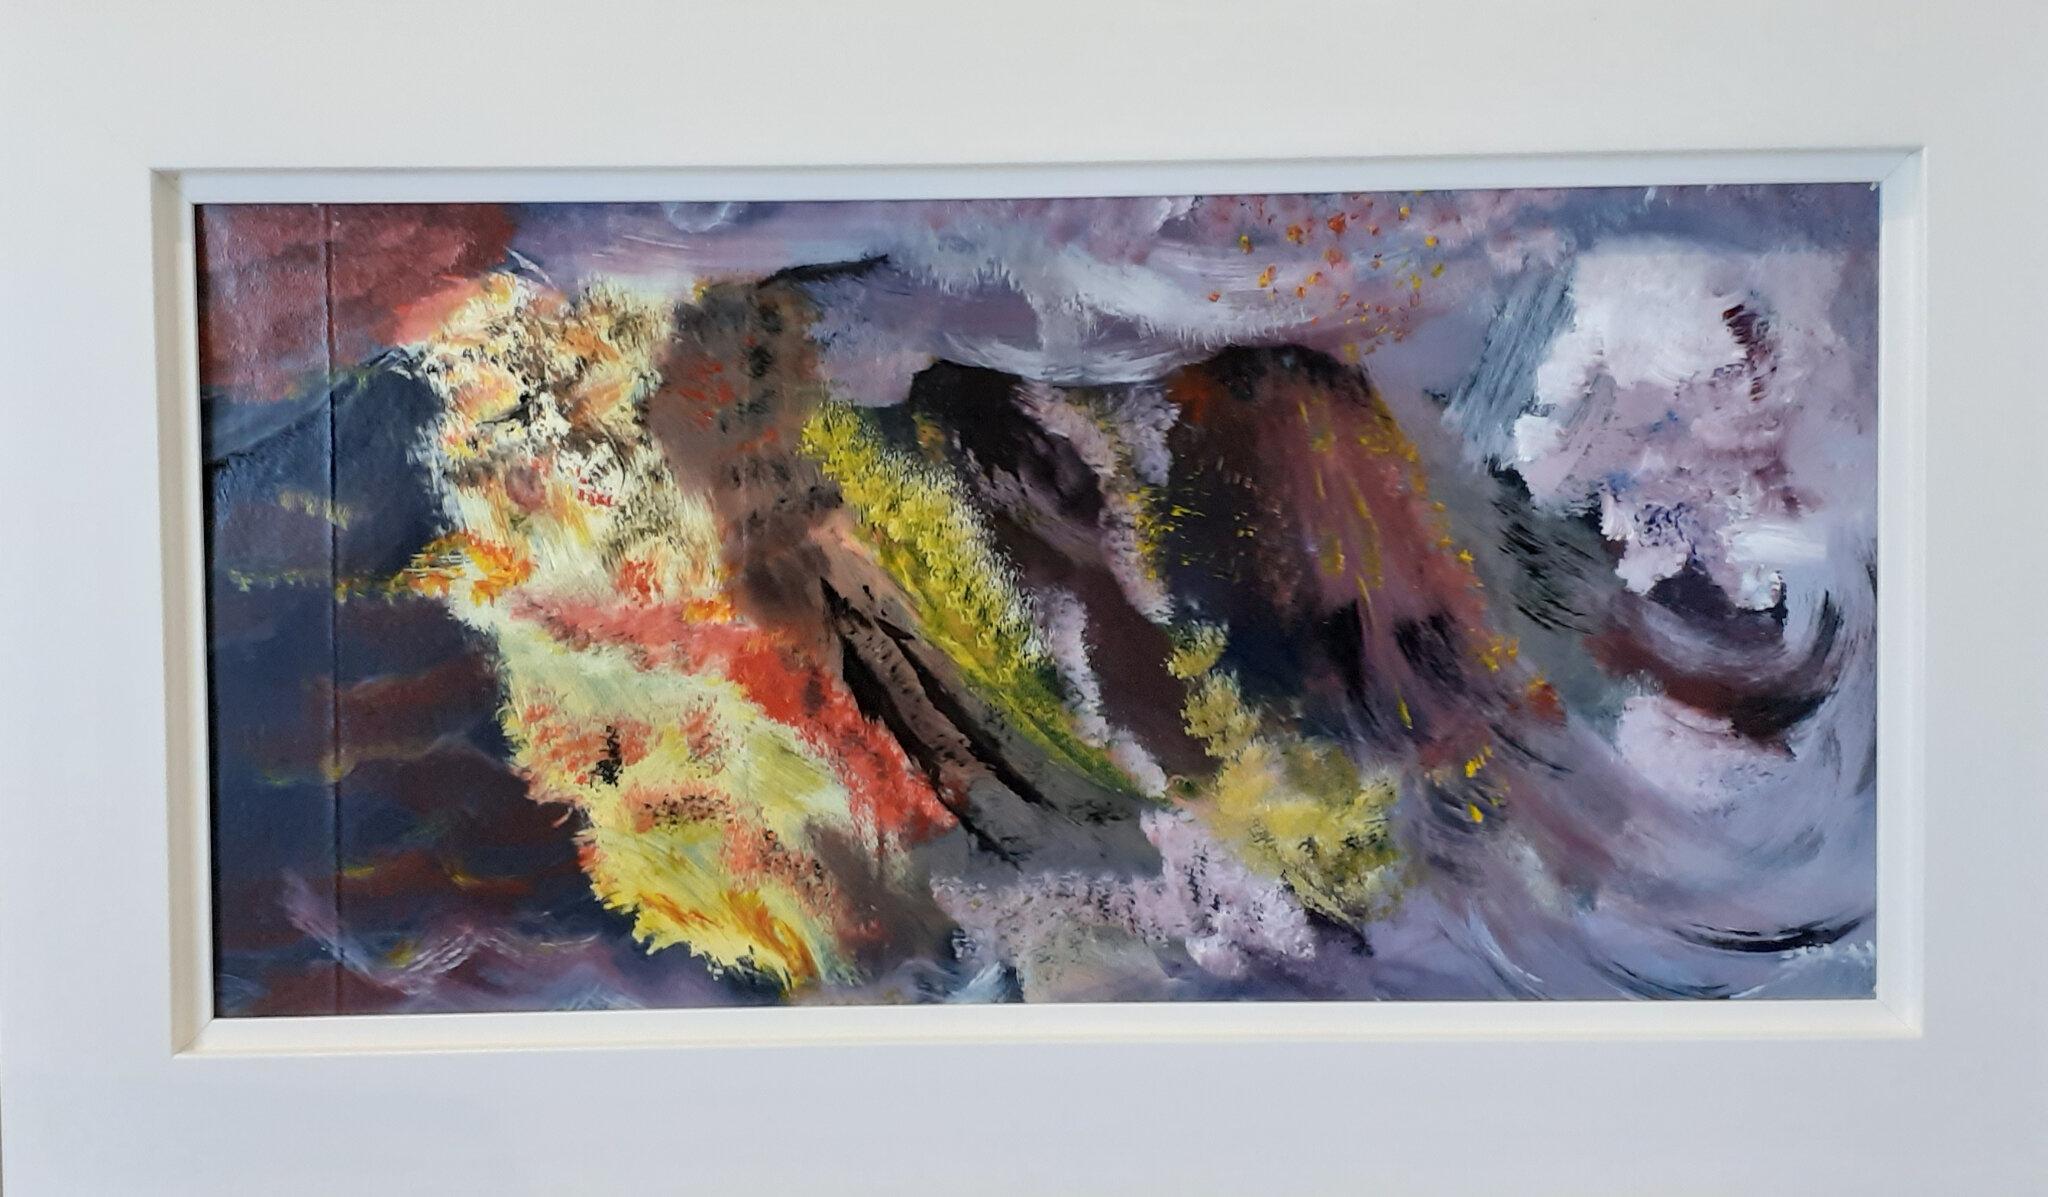 Colères de la Terre, acryl sur cuir, 60X30cm (n°176) cadre blanc